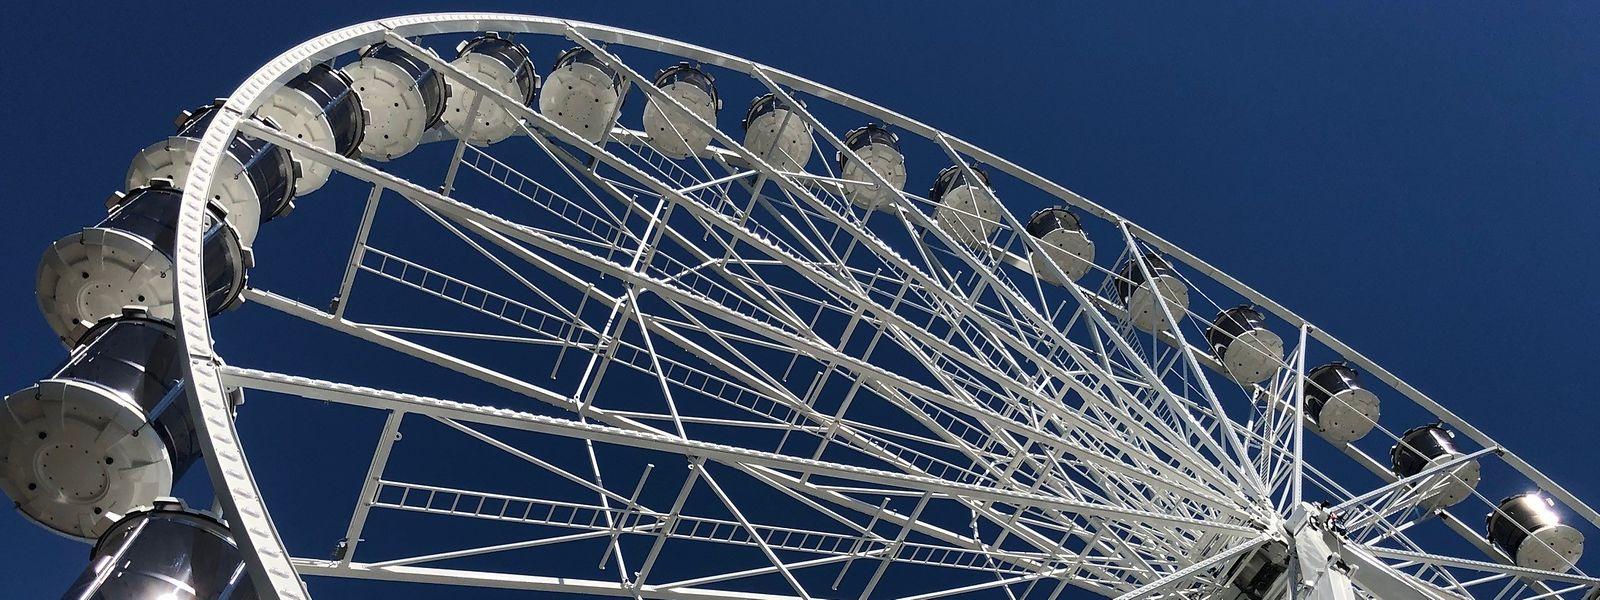 """Am Samstag wird das 50 Meter hohe Riesenrad auf der """"Kinnekswiss"""" seine ersten Besucher empfangen."""